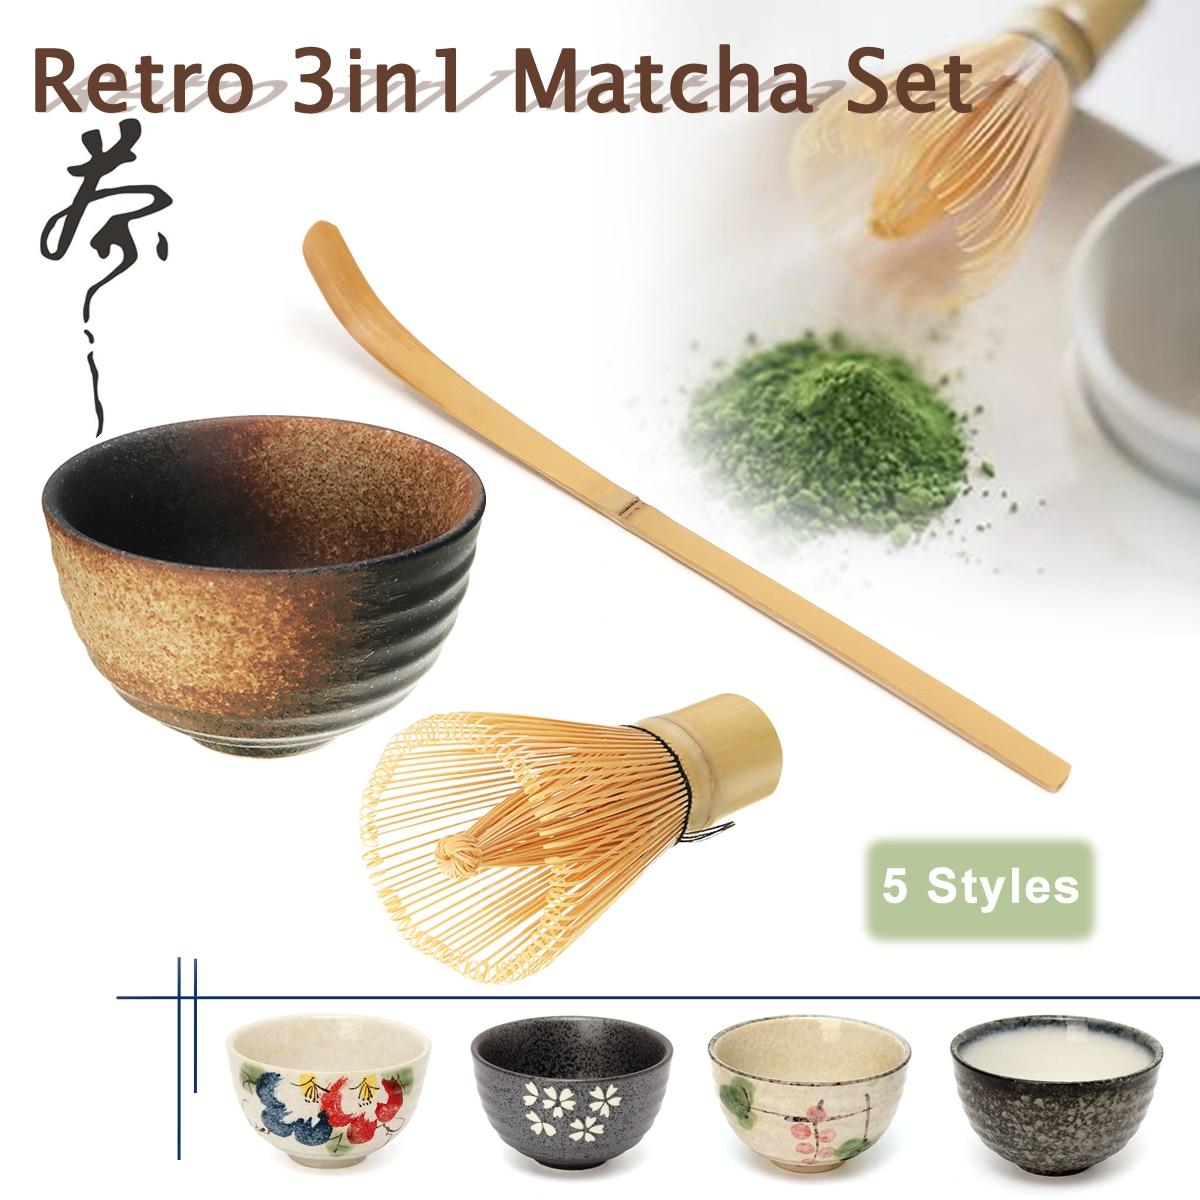 Conjunto de Ferramentas de Chá para Cozinha Batedor de Matcha Vasilha de Chá Matcha em Casa 3 em 1 de Bambu Conjunto Retrô Chasen Chashaku Acessórios